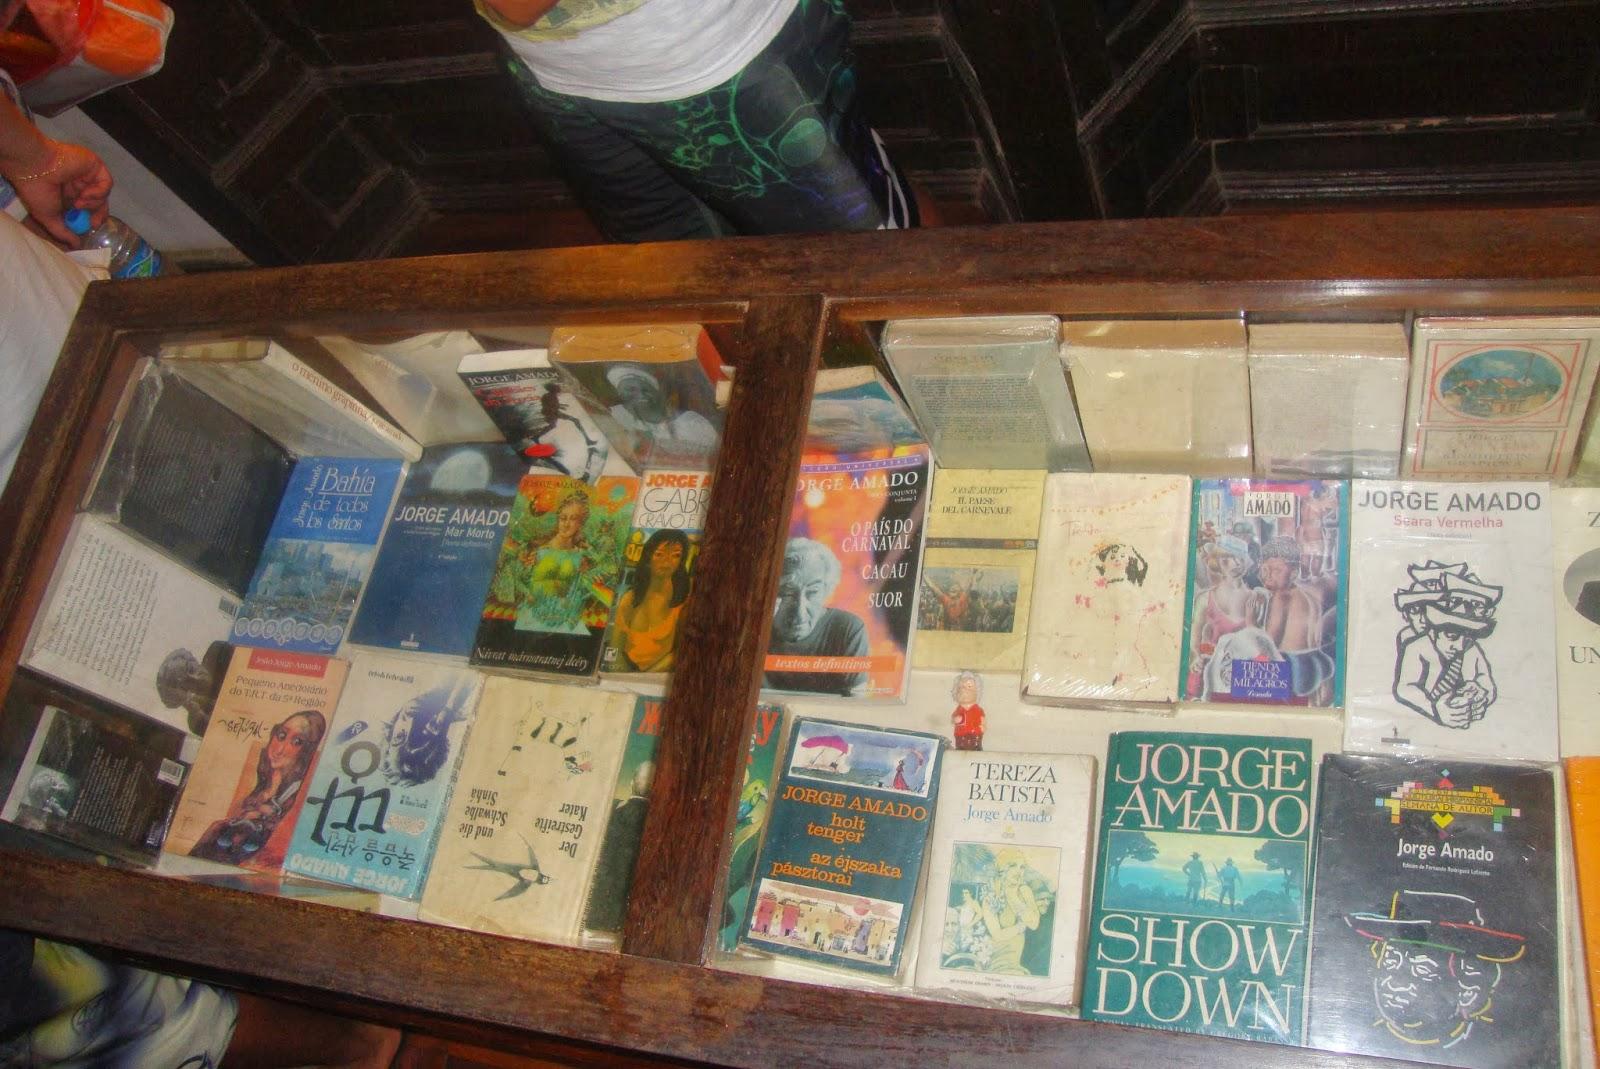 Obras de Jorge Amado publicadas em diversos idiomas e expostos na Casa Jorge Amado, em Ilhéus